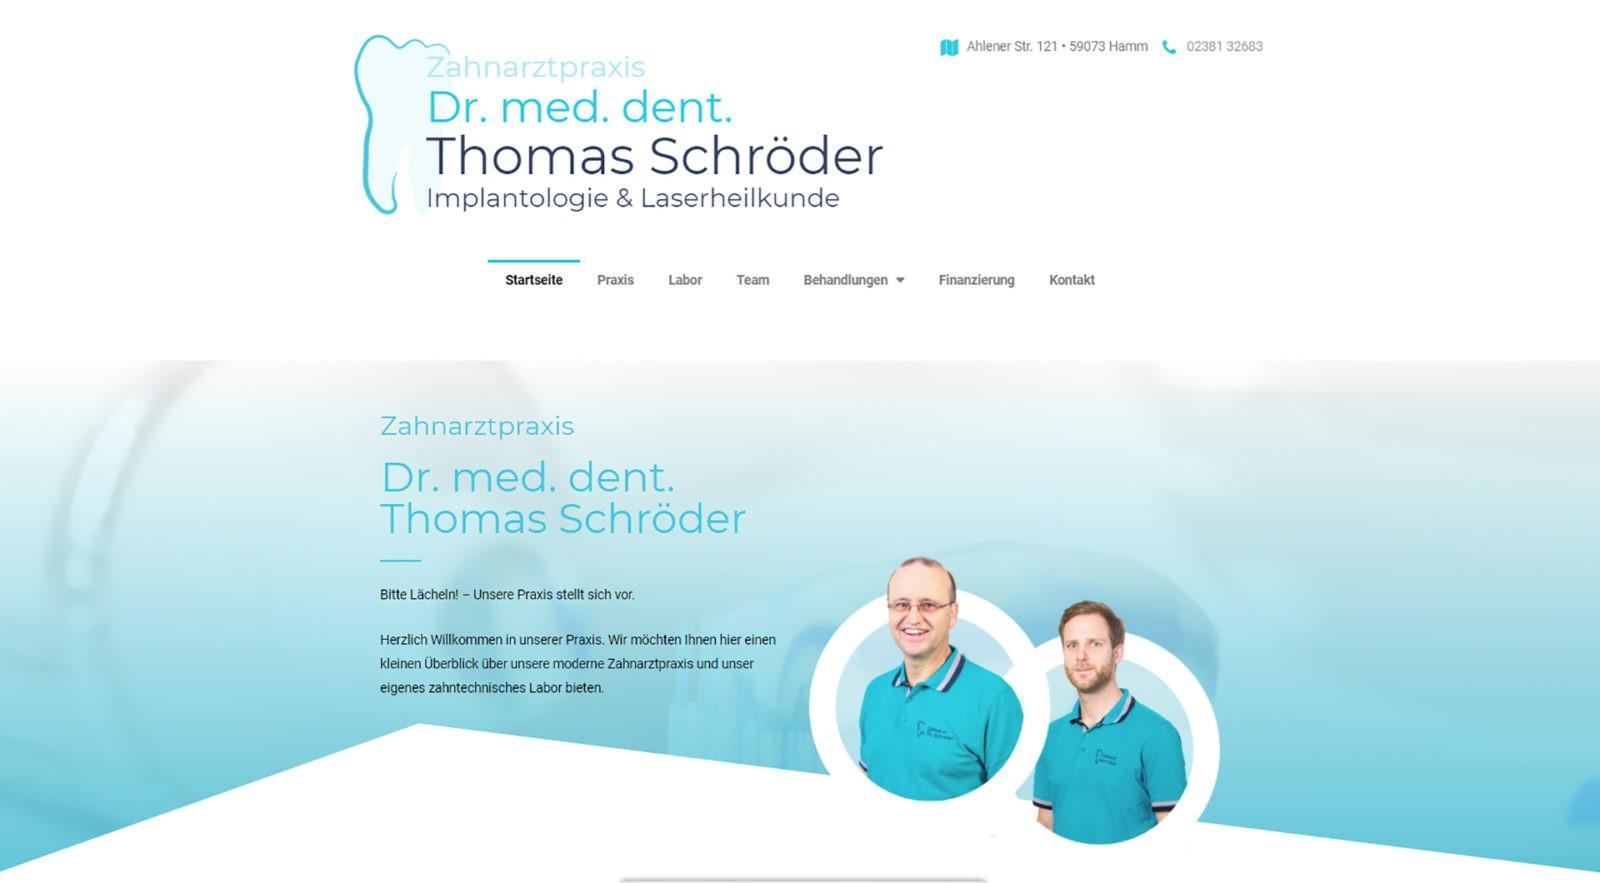 Zahnarztpraxis Dr. med. dent. Thomas Schröder Implantologie & Laserheilkunde Hamm Zahnarztpraxis